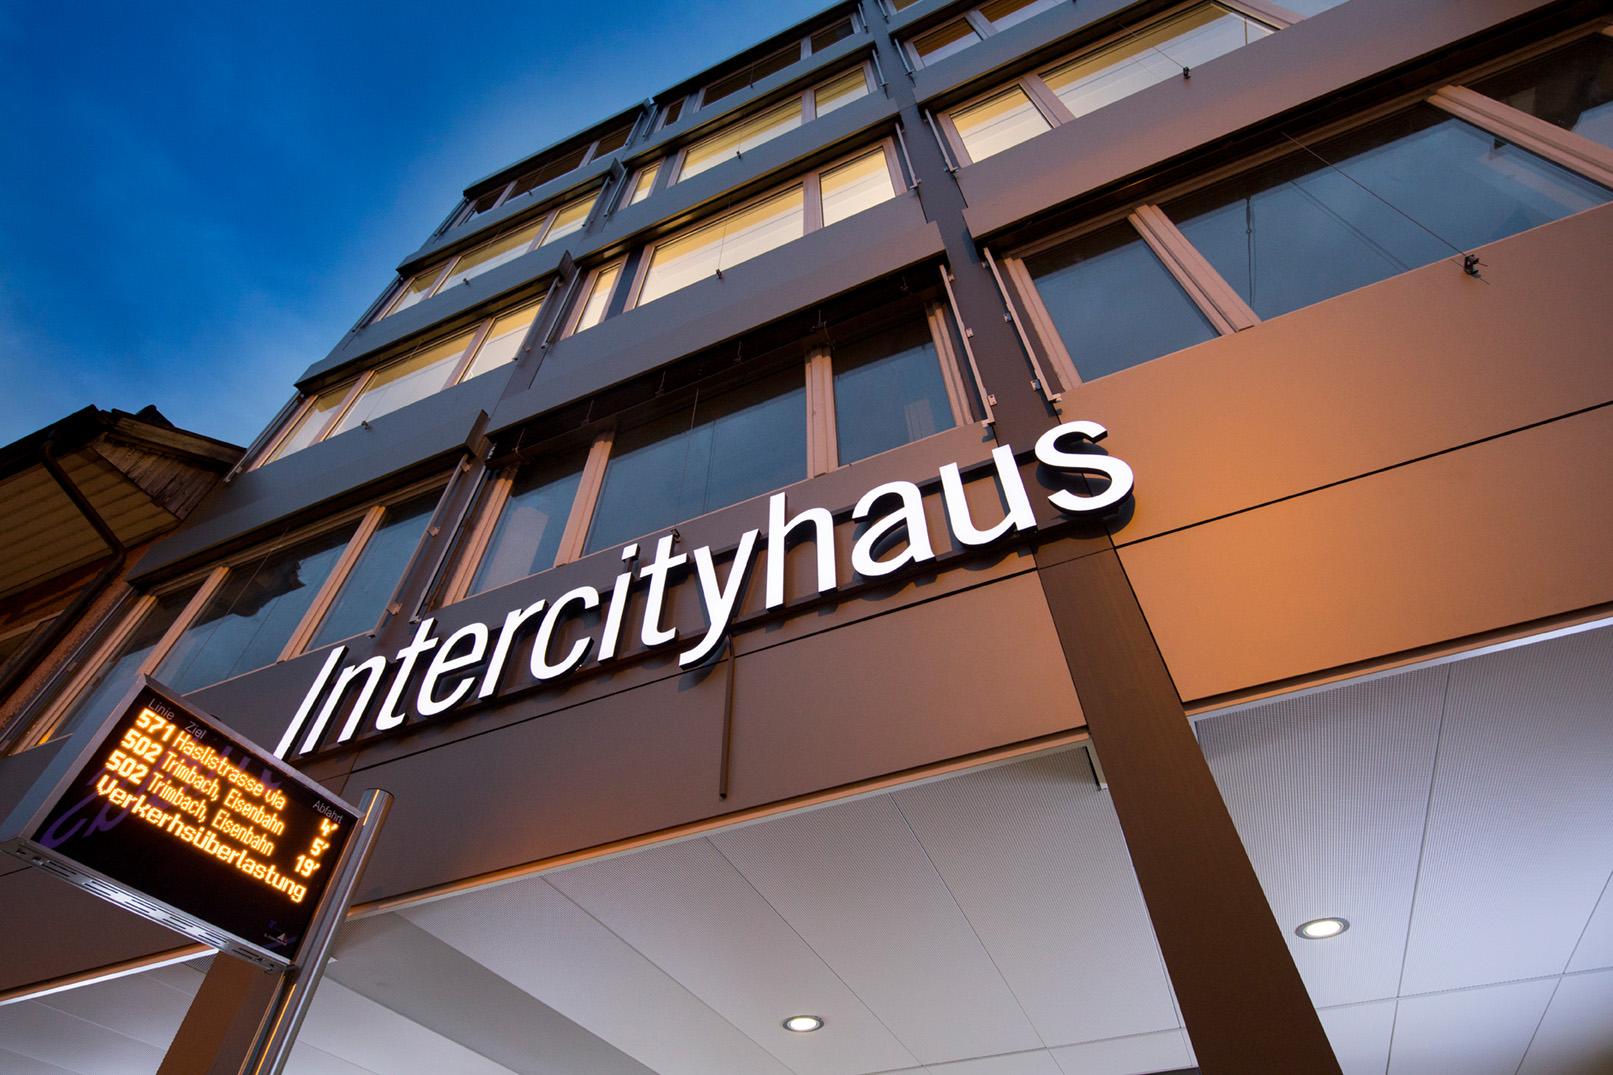 Olten_Intercityhaus_Nacht_12 web.jpg